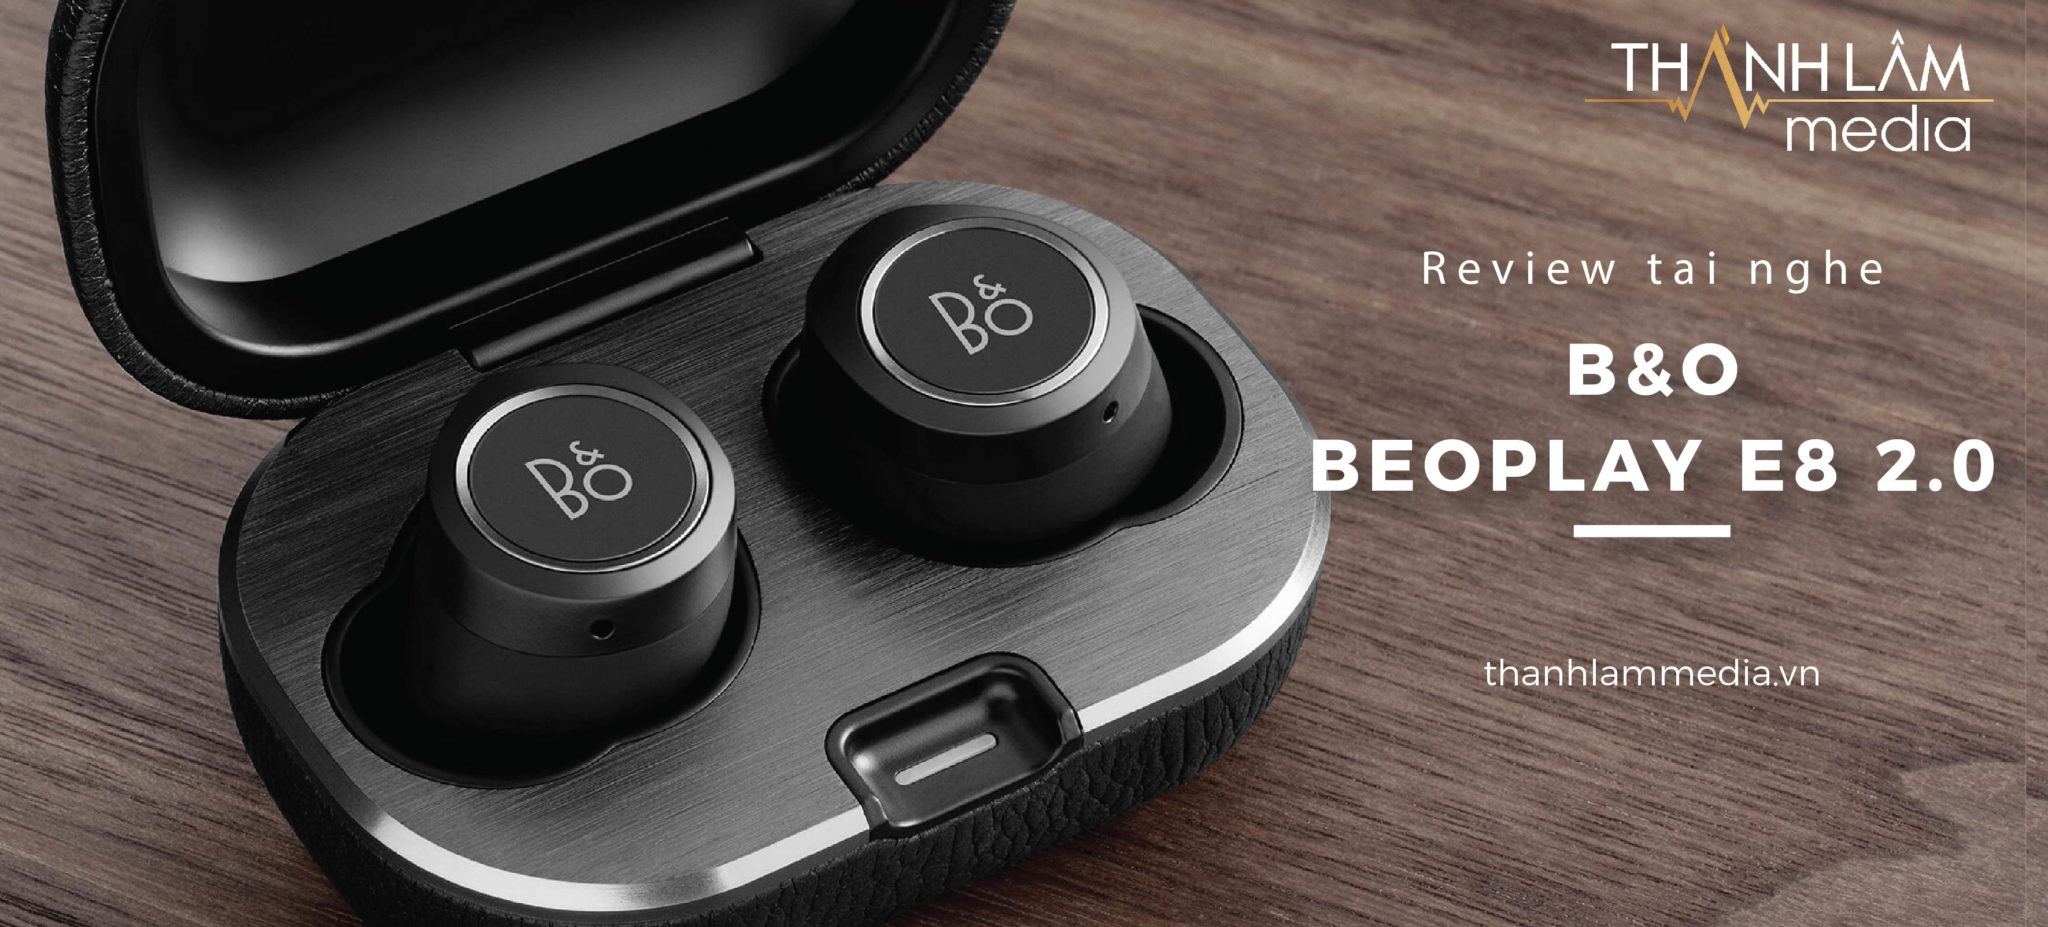 B&O Beoplay E8 2.0 - Phiên bản mới dành cho người sành 1